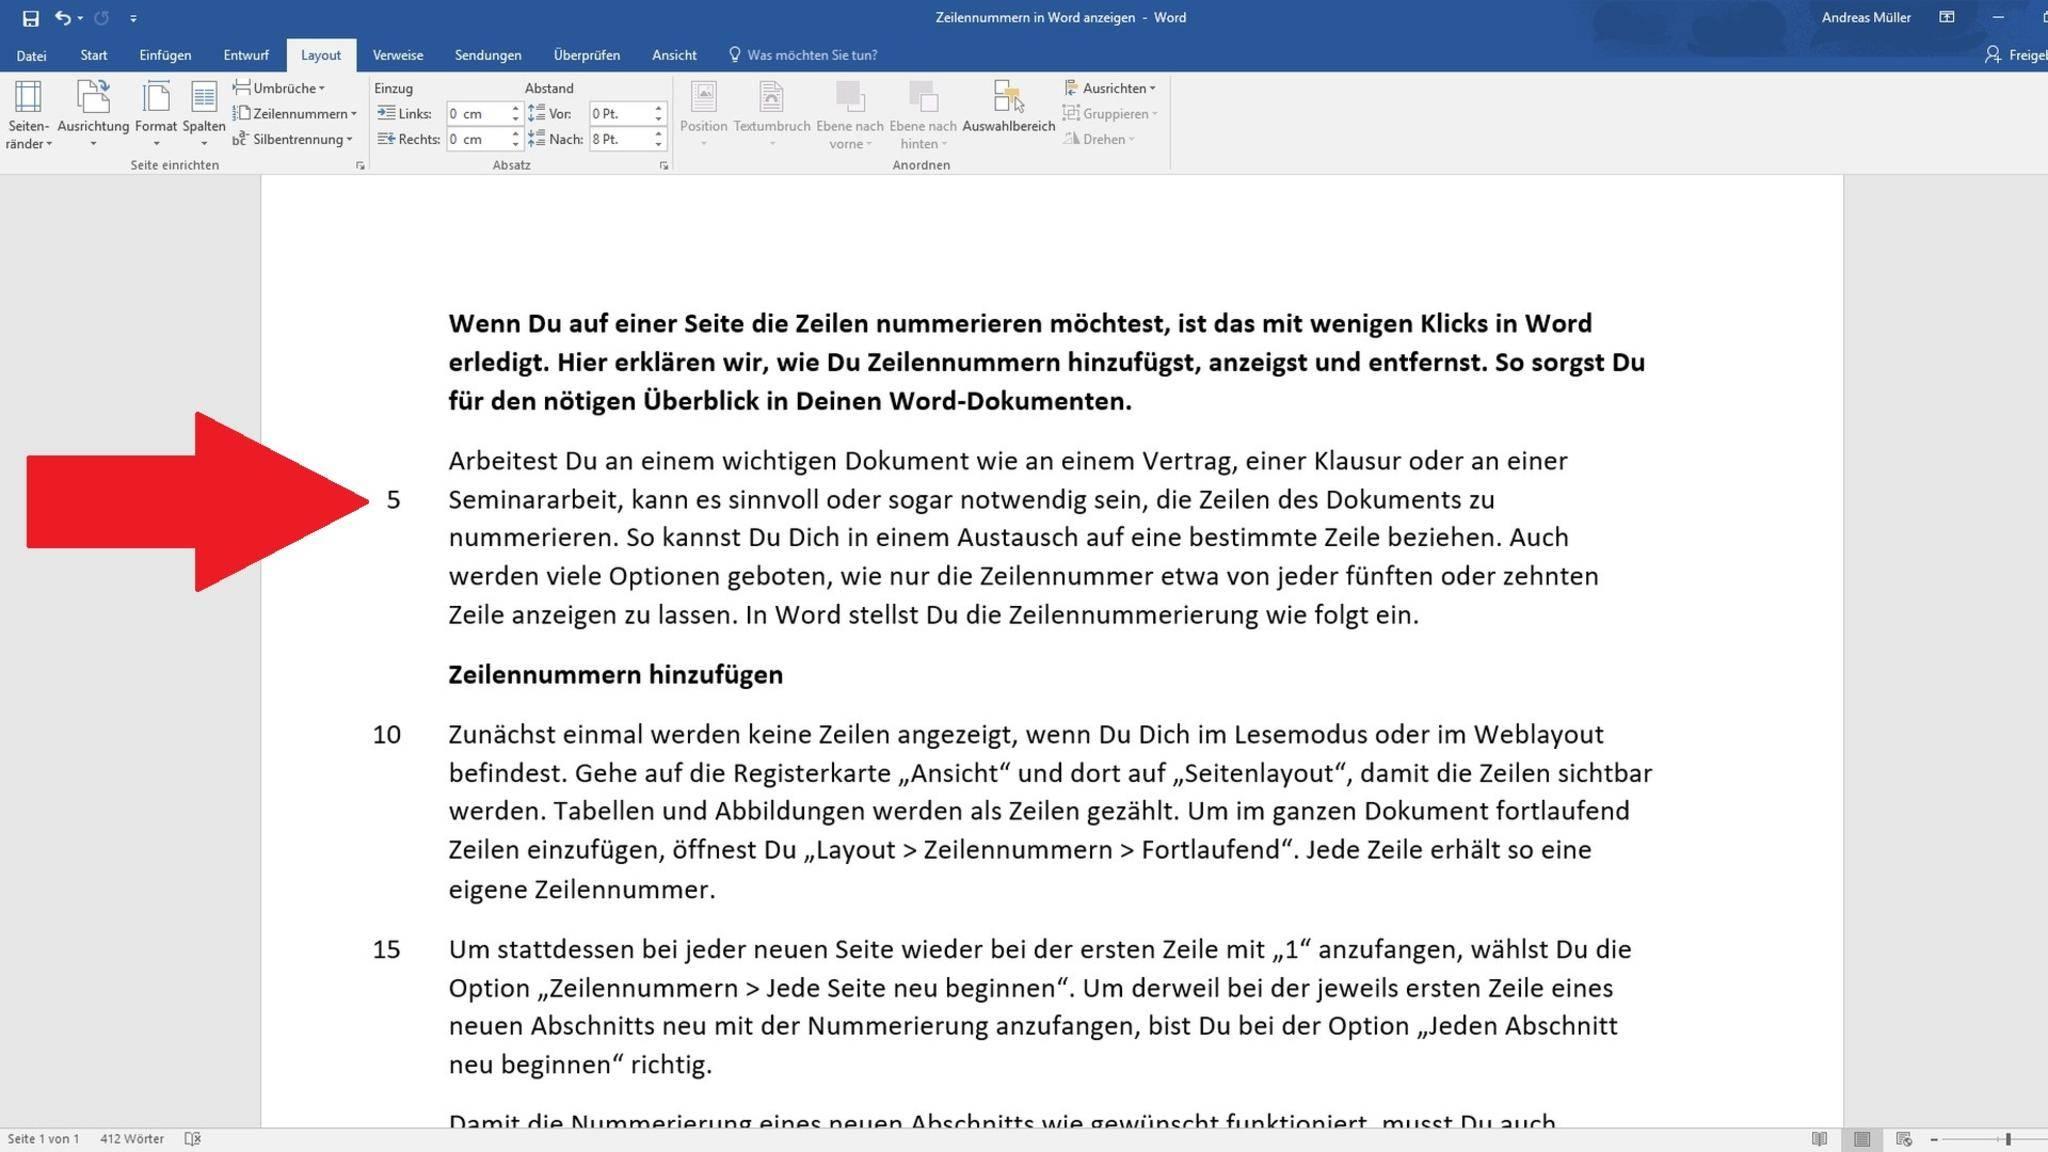 Microsoft Word Zeilennummern